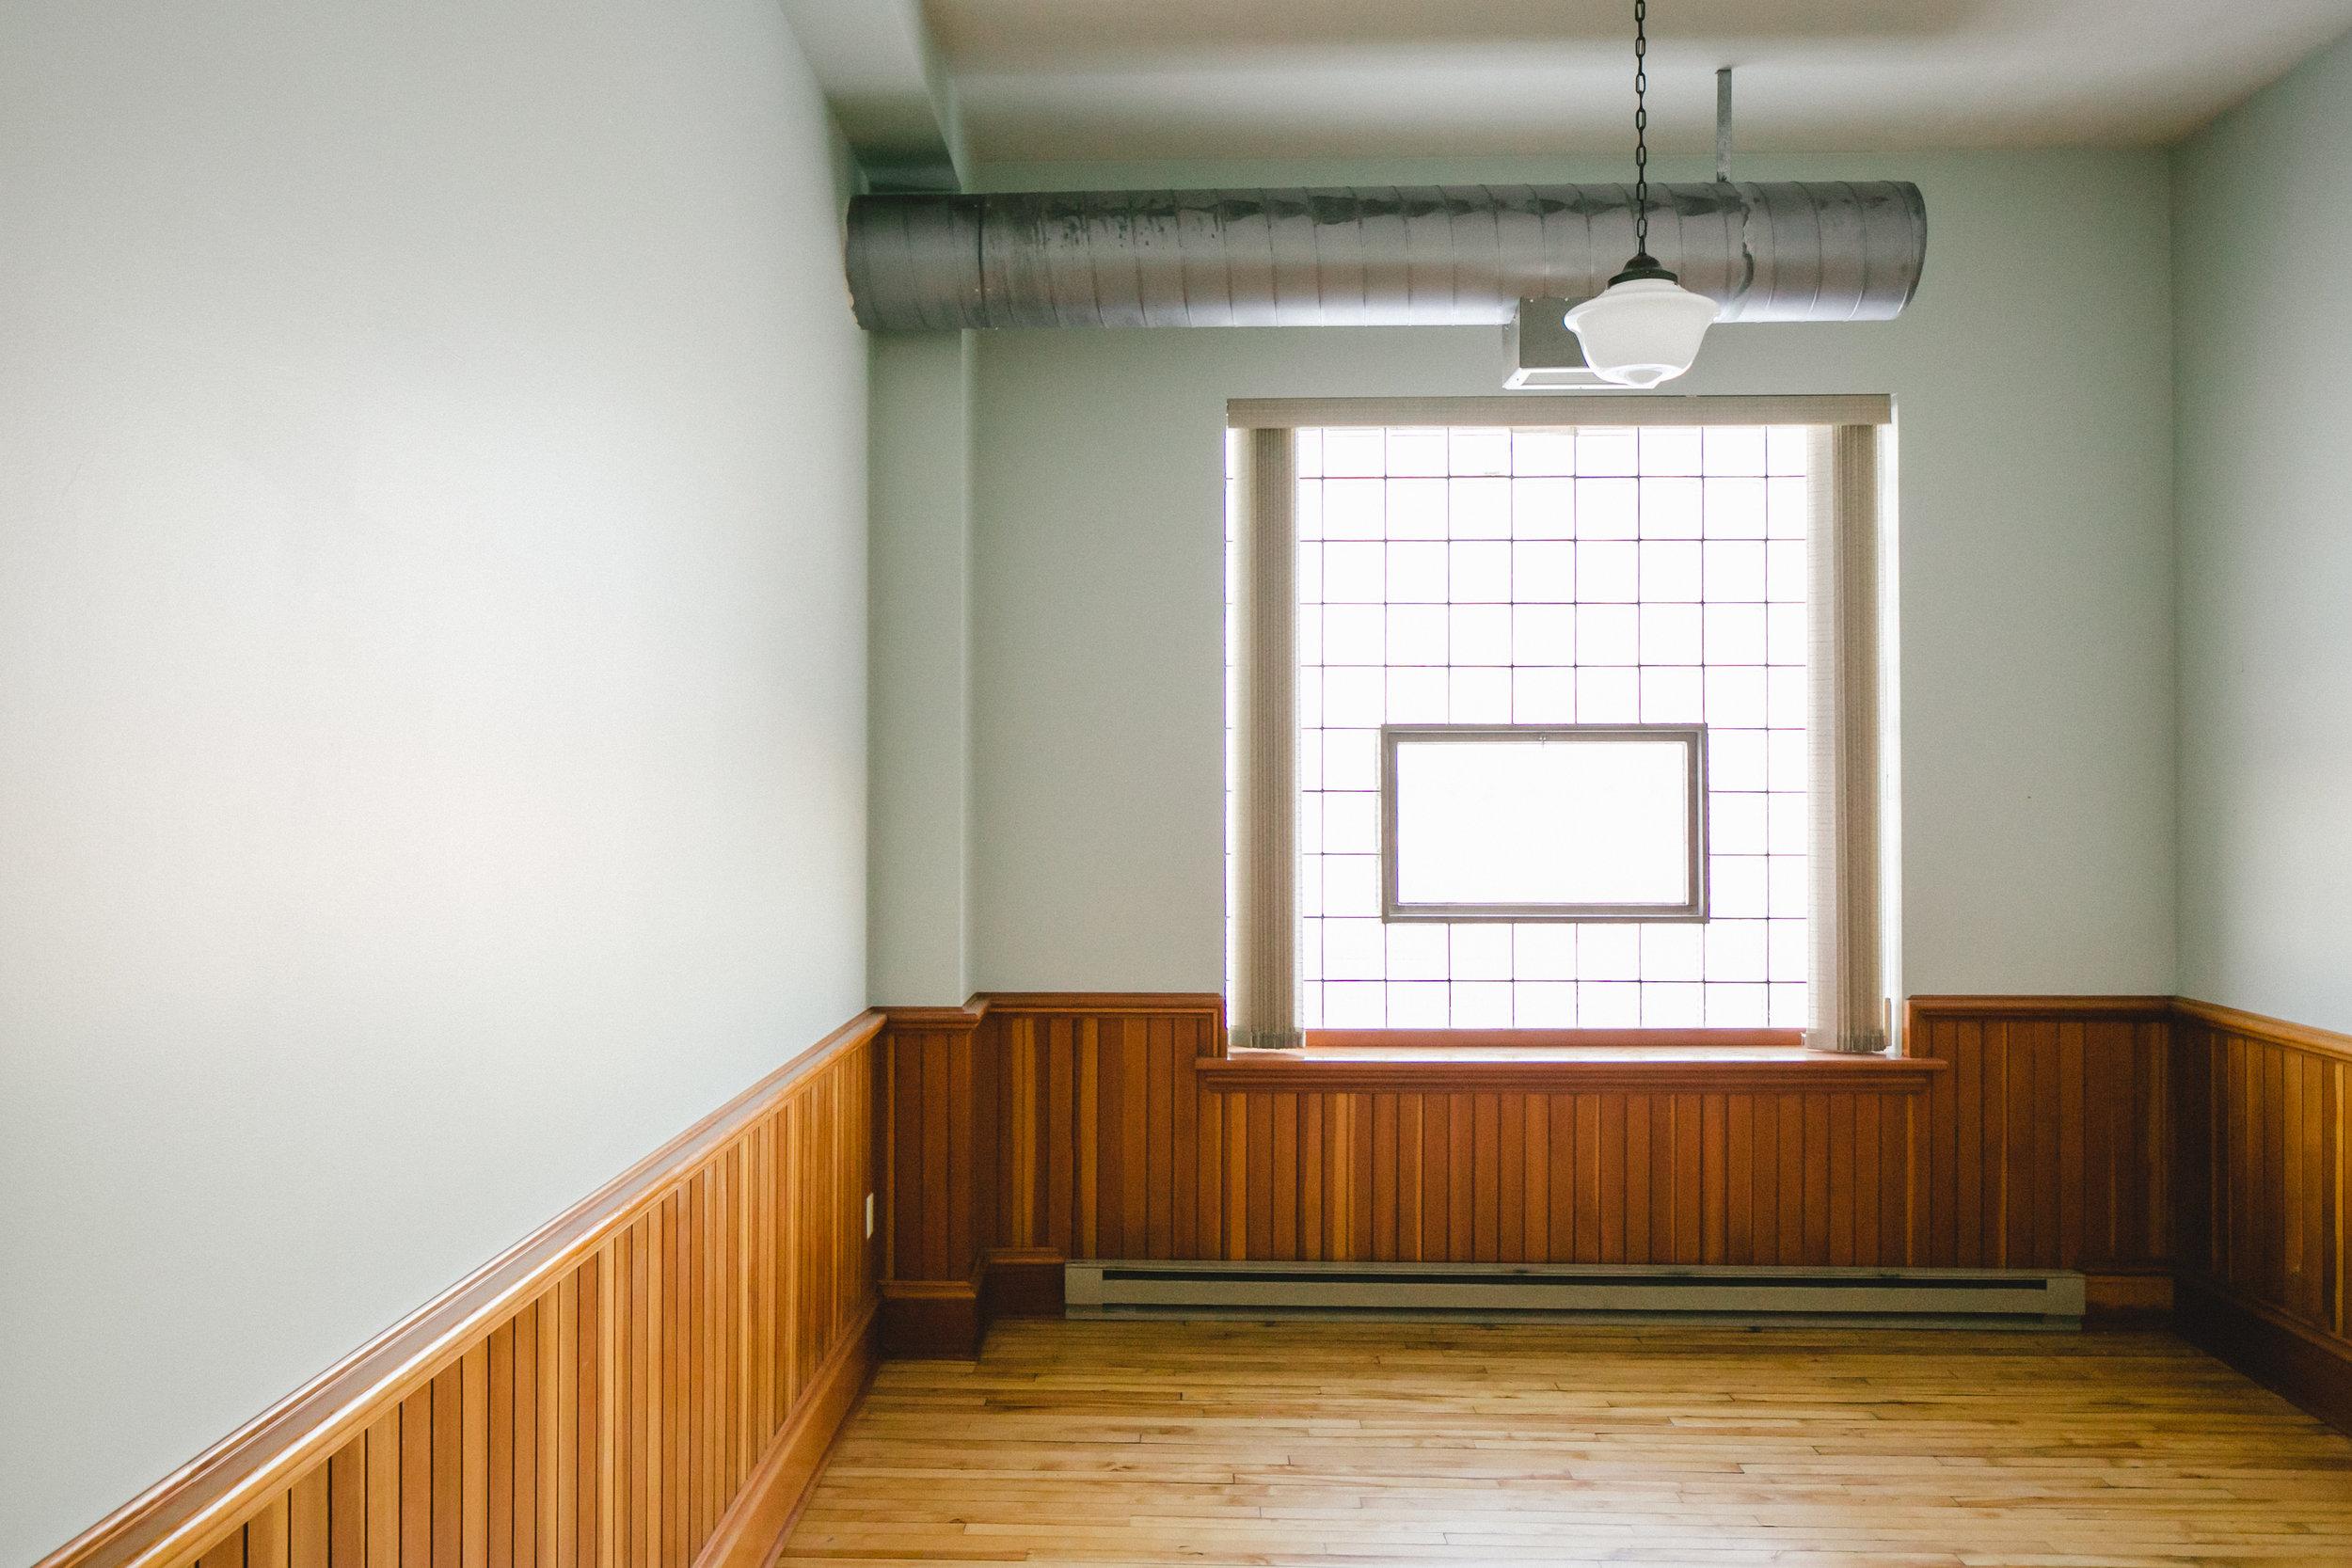 Image shown - Suite 211